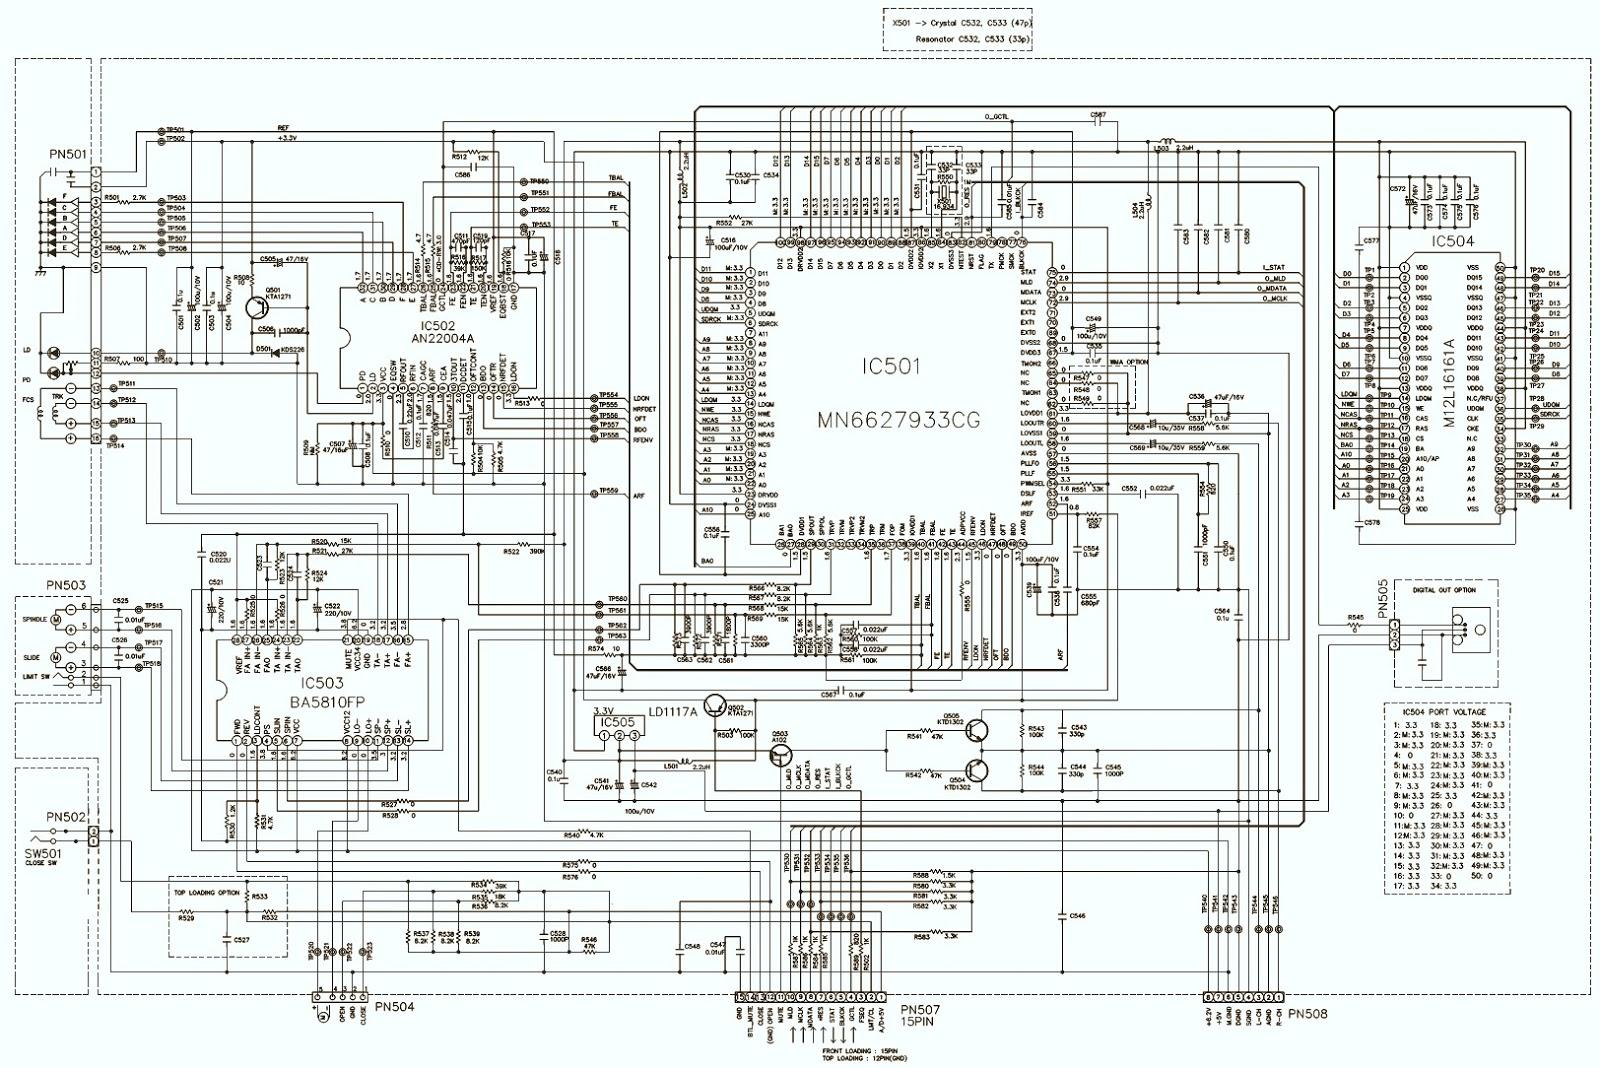 LG LPCLM530A MP3 CD CASSETTE Circuit Diagram